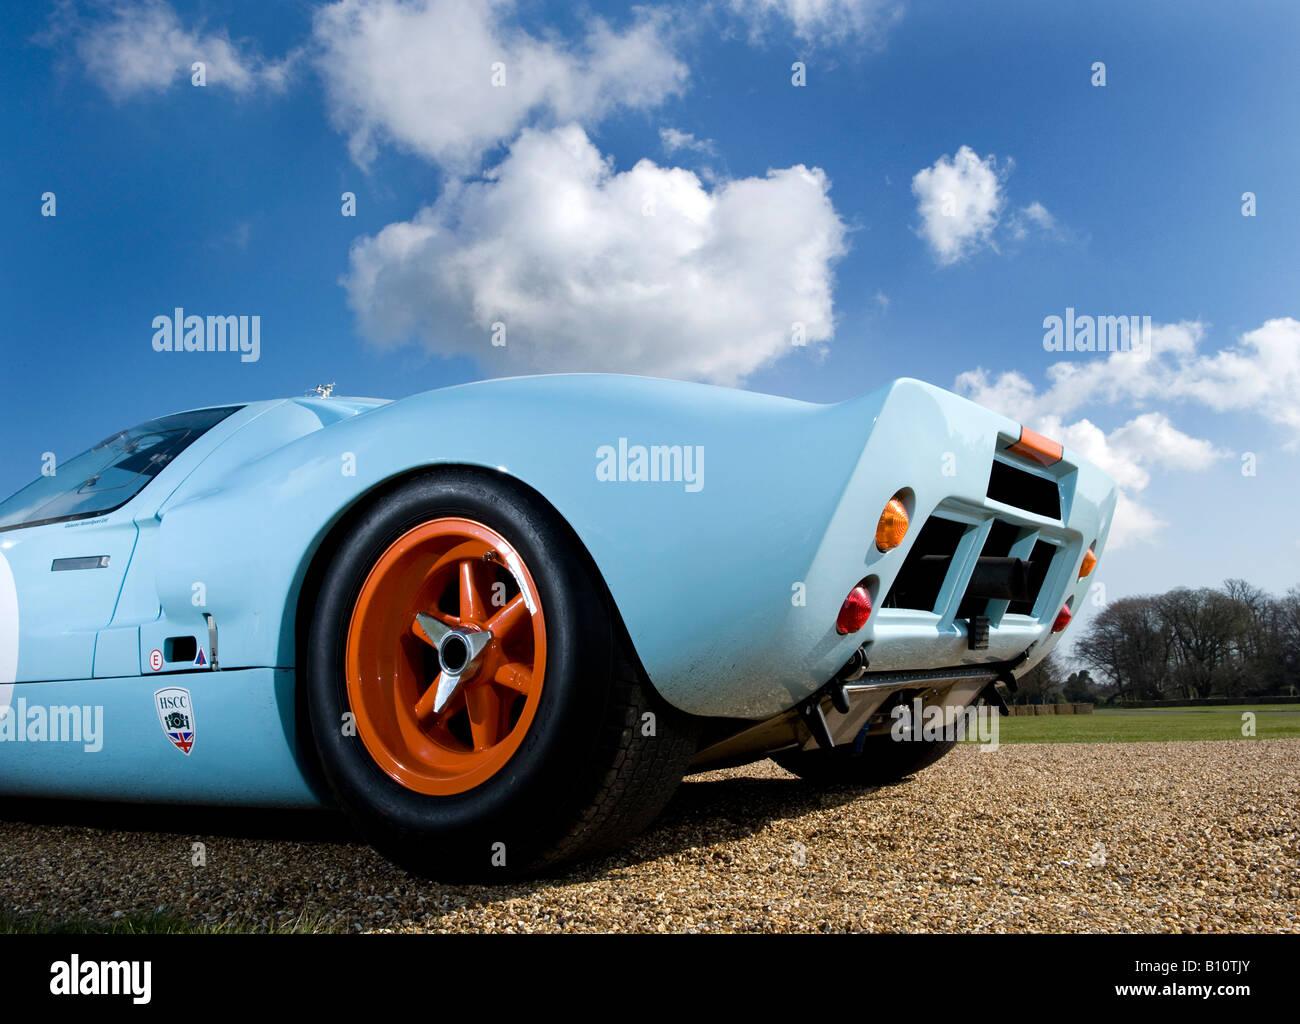 Ford Gt Gt Le Mans Racing Car Auto Gulf Engine Orange Blue